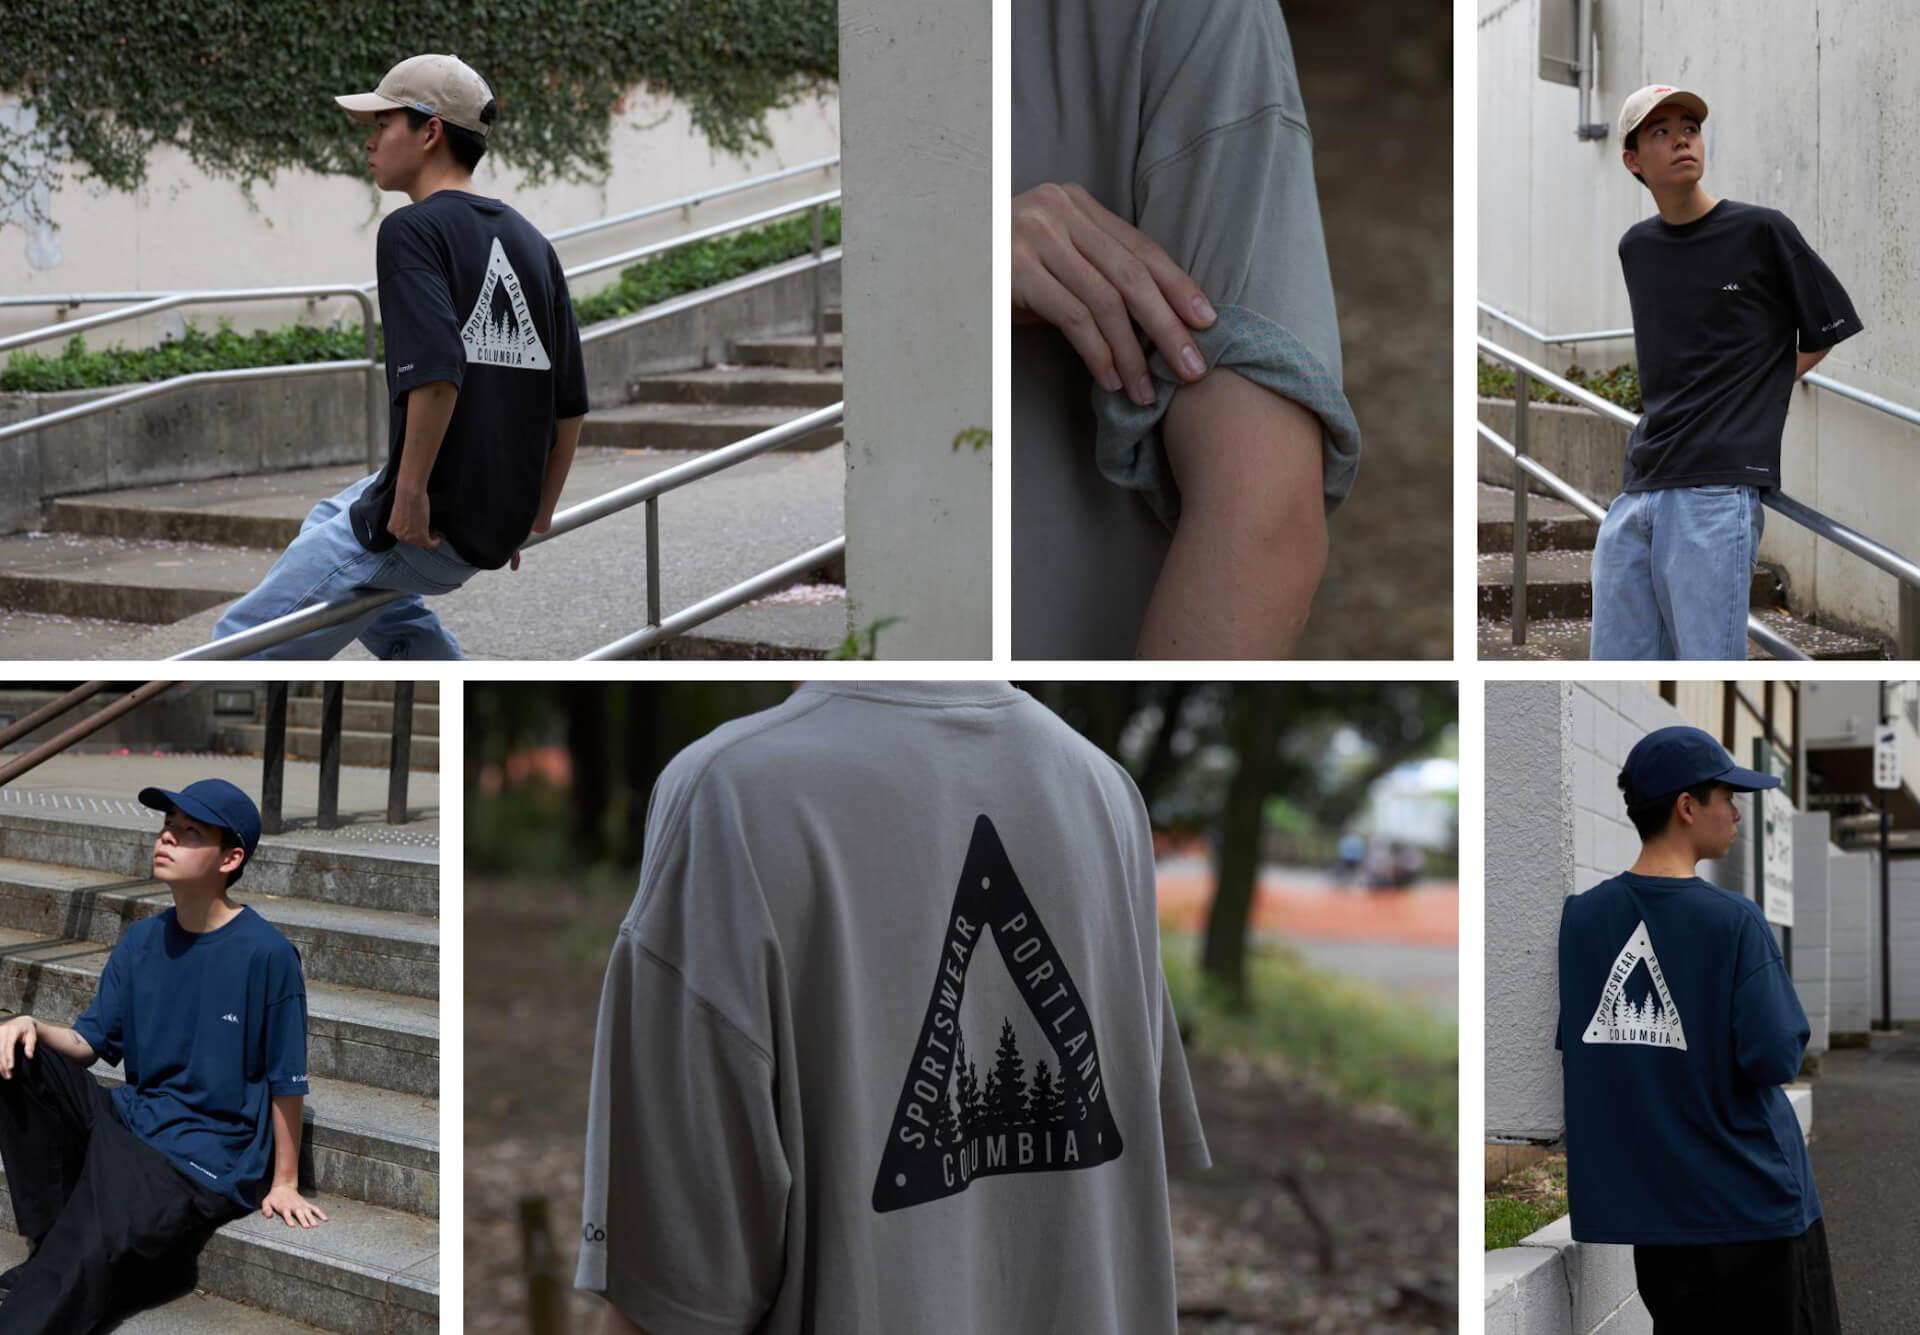 コロンビアとSHIPSのコラボTシャツが限定発売!冷却機能「オムニフリーズゼロ」を搭載した高機能モデル life210408_columbia_ships_2